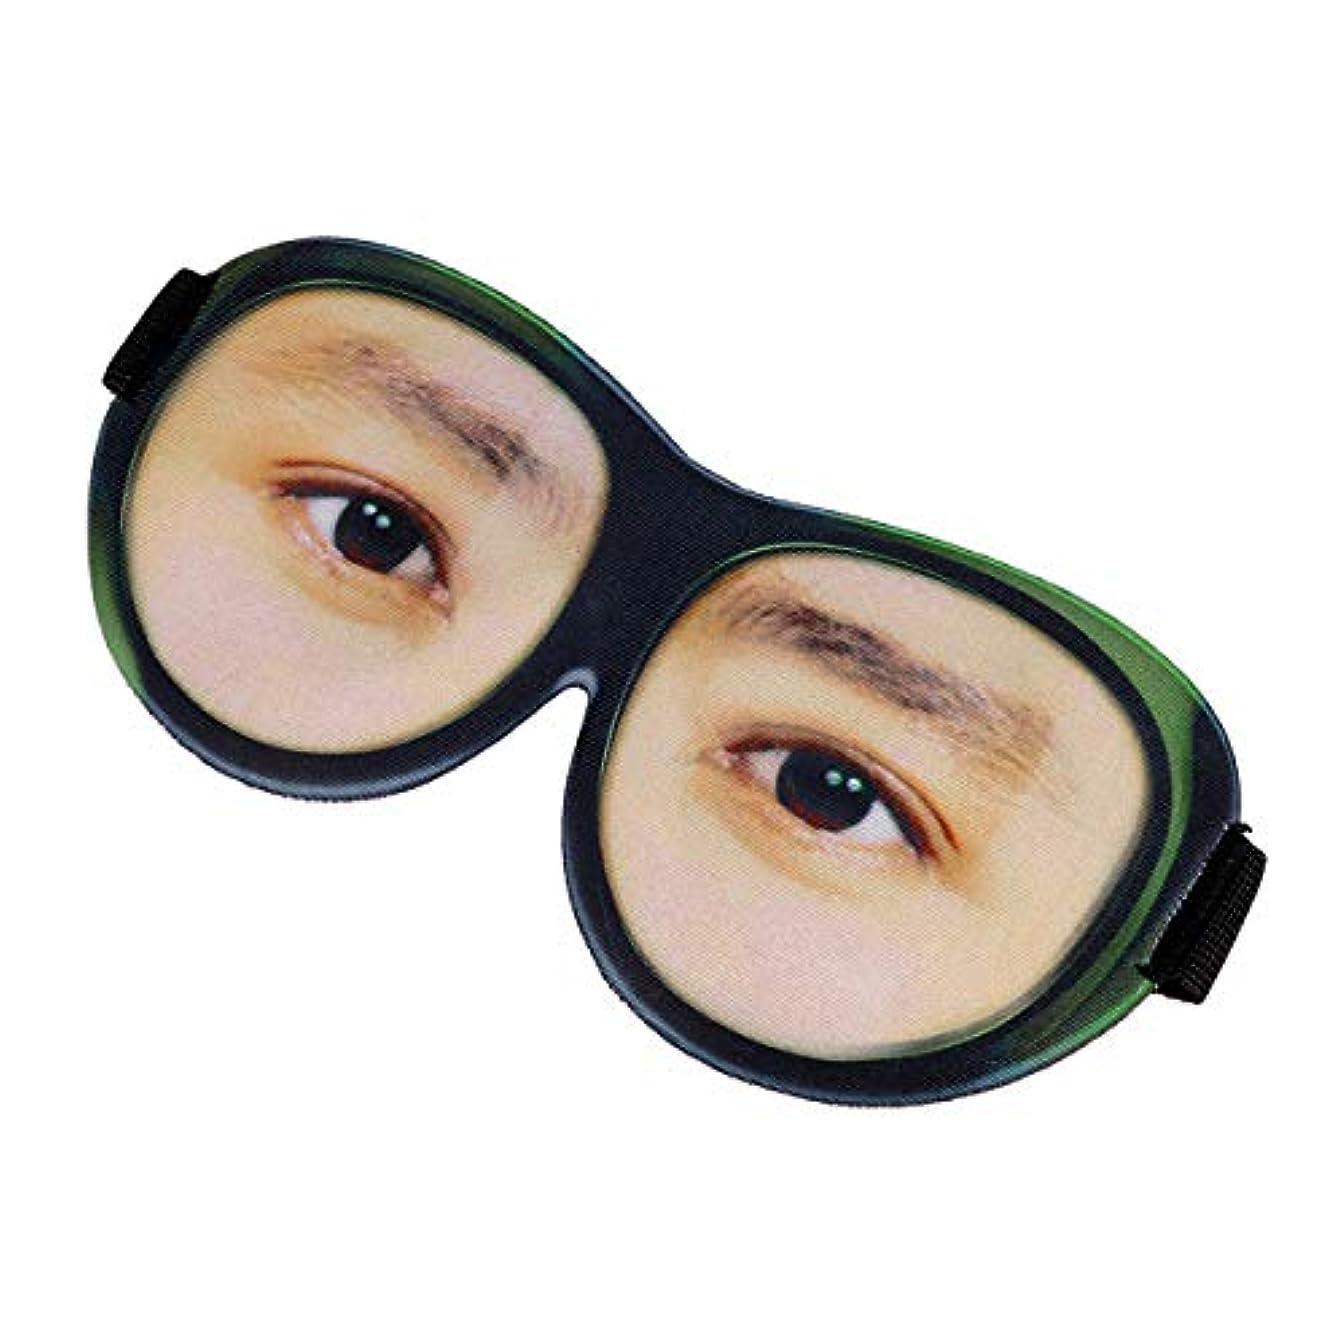 クスコ注意桁Beaupretty 睡眠マスクメガネ3d付き調節可能ストラップアイアイシェード睡眠アイシェード遮光ブロック用ホーム旅行屋外旅行